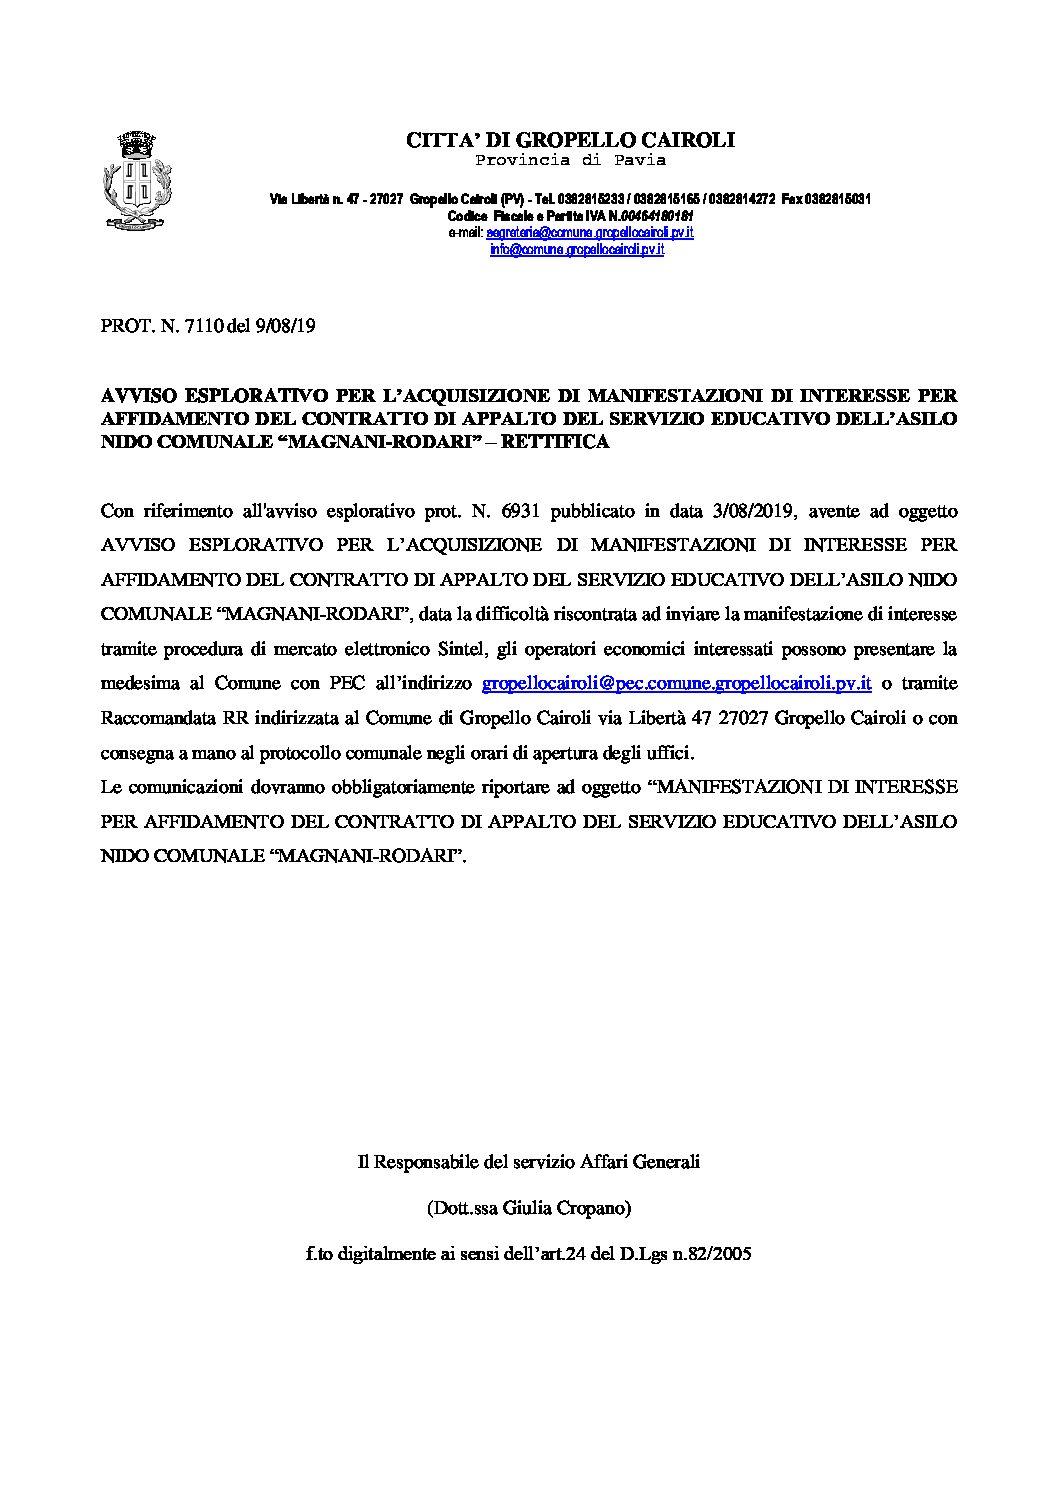 """Avviso esplorativo per l'acquisizione di manifestazioni di interesse per affidamento del contratto di appalto del servizio educativo dell'asilo nido comunale """"Magnani-Rodari"""" – SECONDA RETTIFICA"""